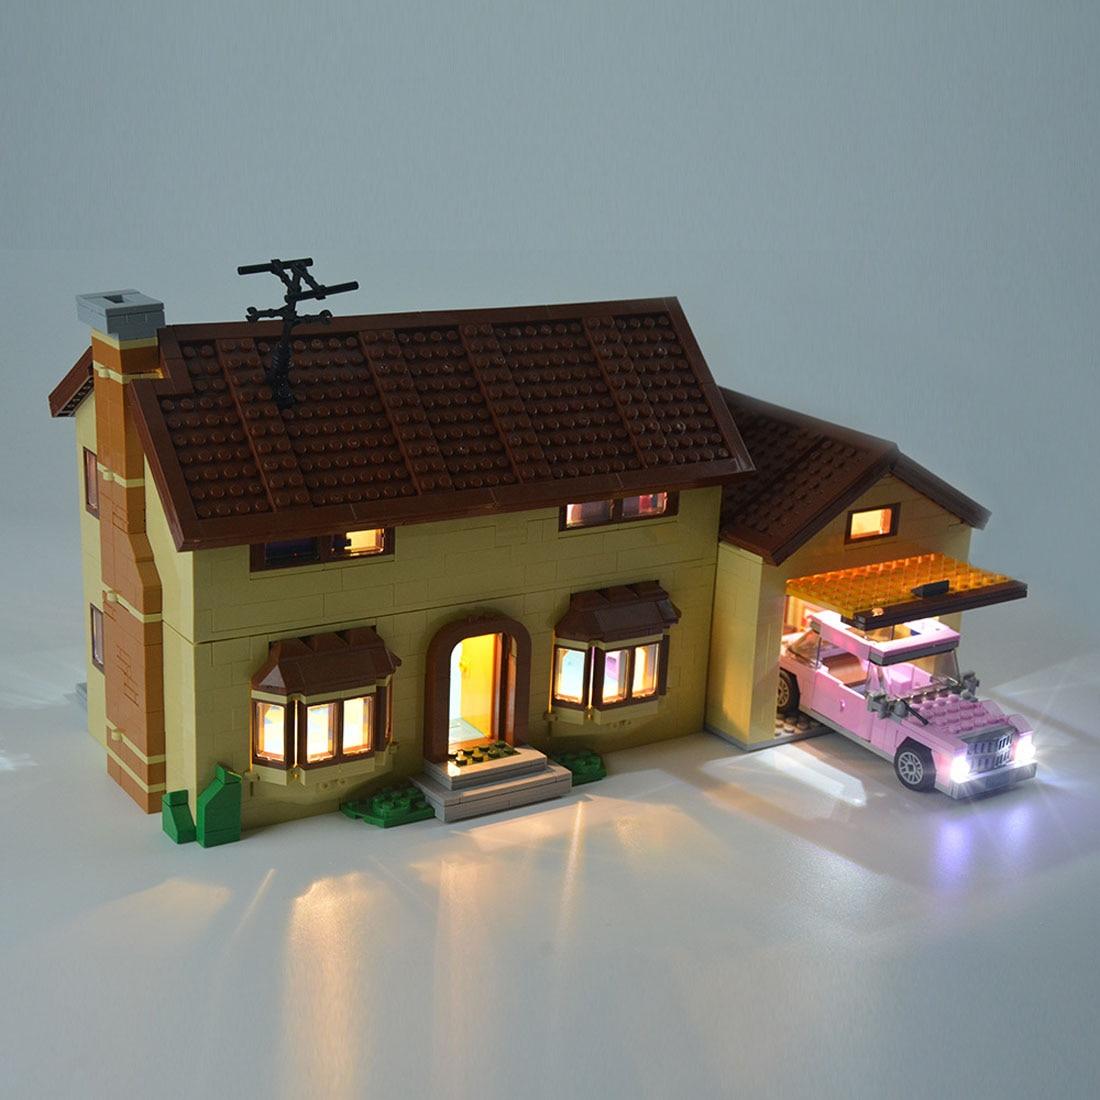 construção usb luz acessório kit para casa 71006 led incluído apenas